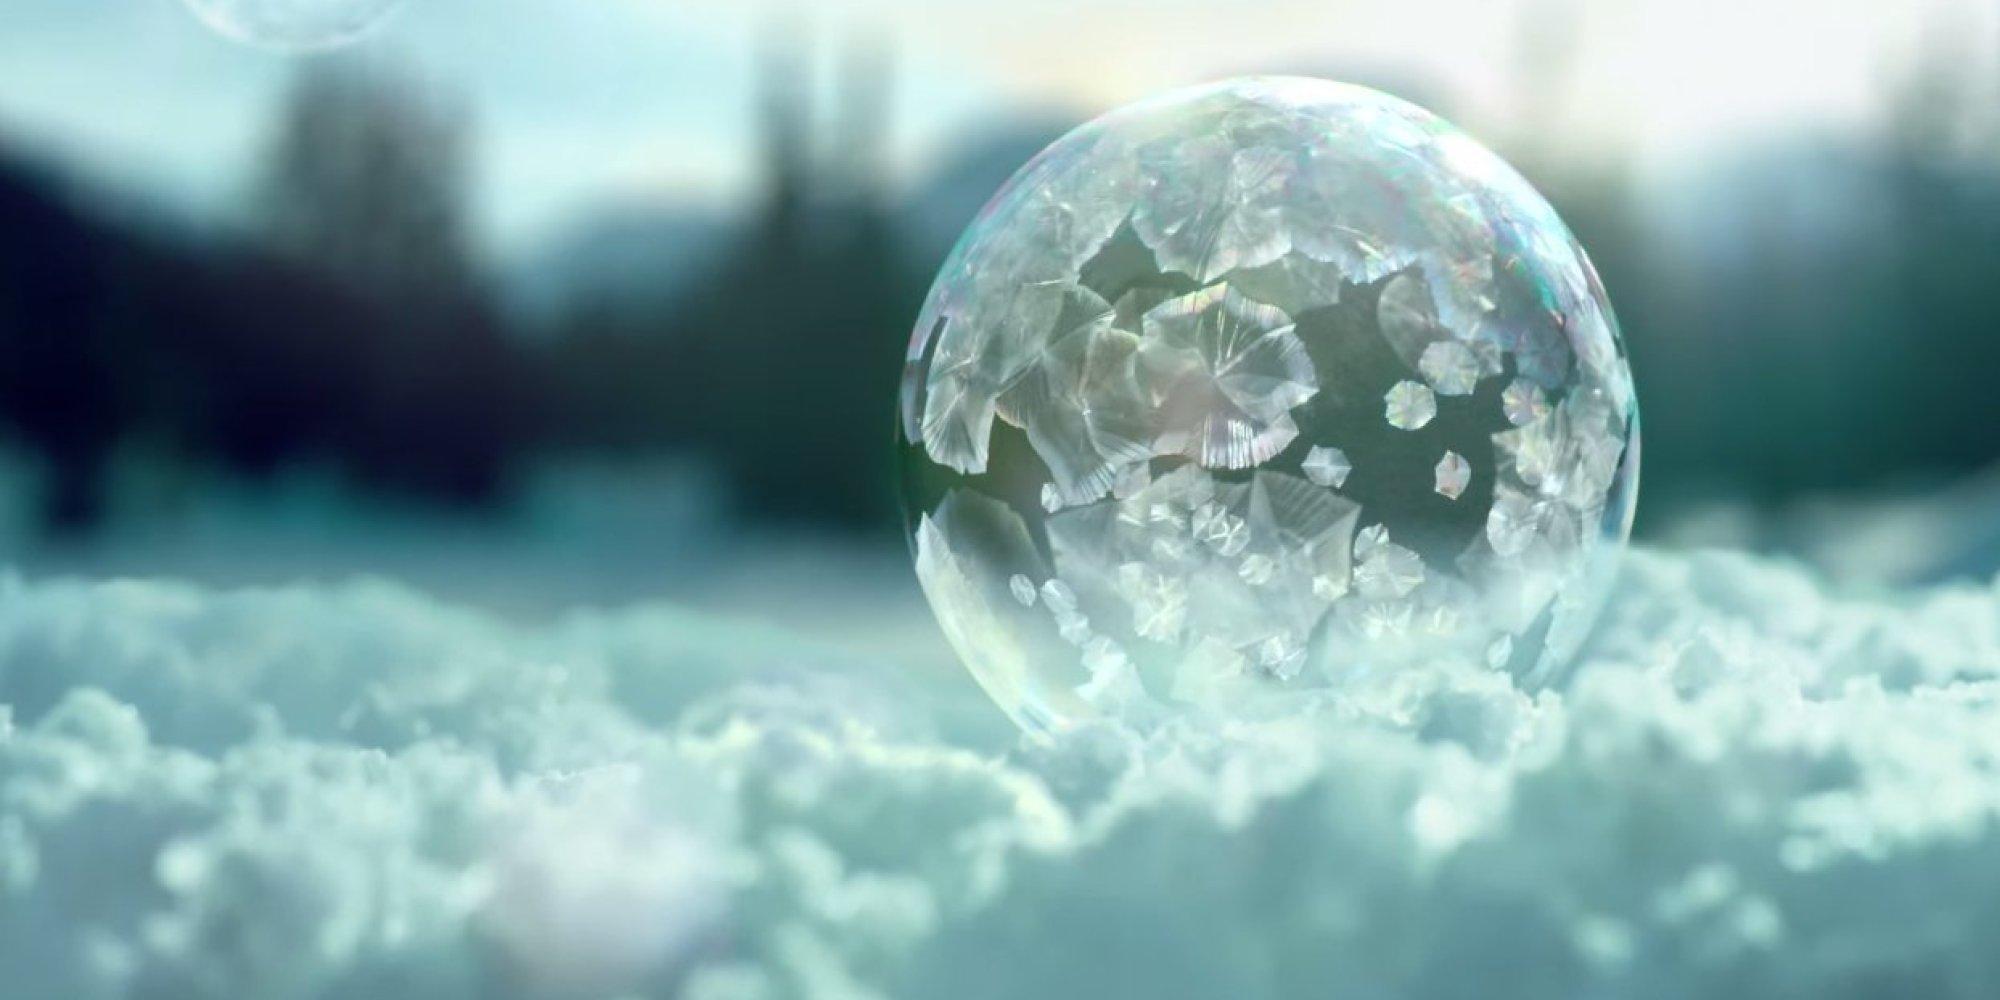 Arabic Wallpaper Iphone 「空中で凍るシャボン玉」の美しさに目を奪われる(動画)